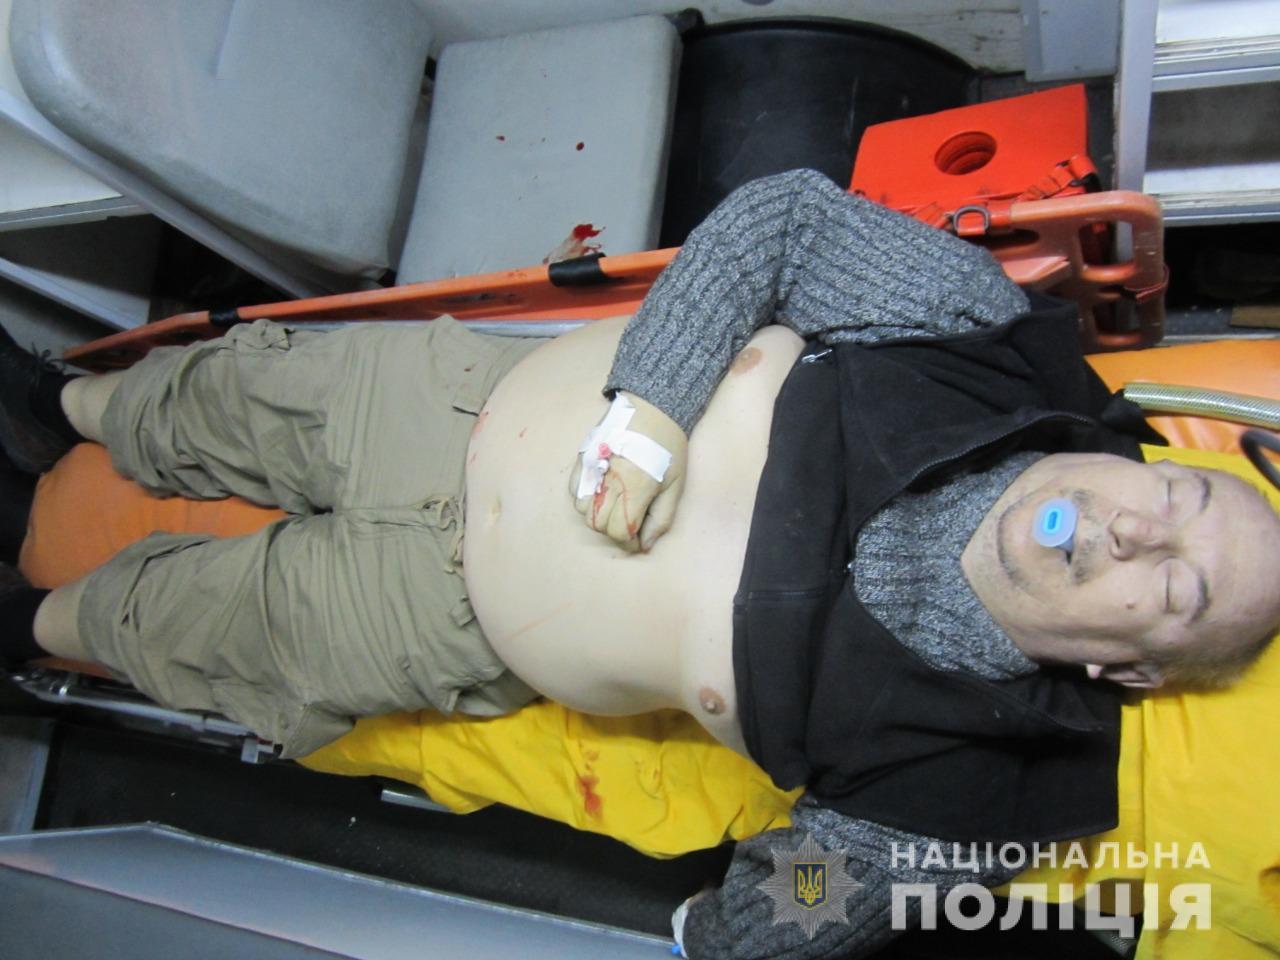 Помогите опознать: в Днепре найдено тело мужчины. Новости Днепра